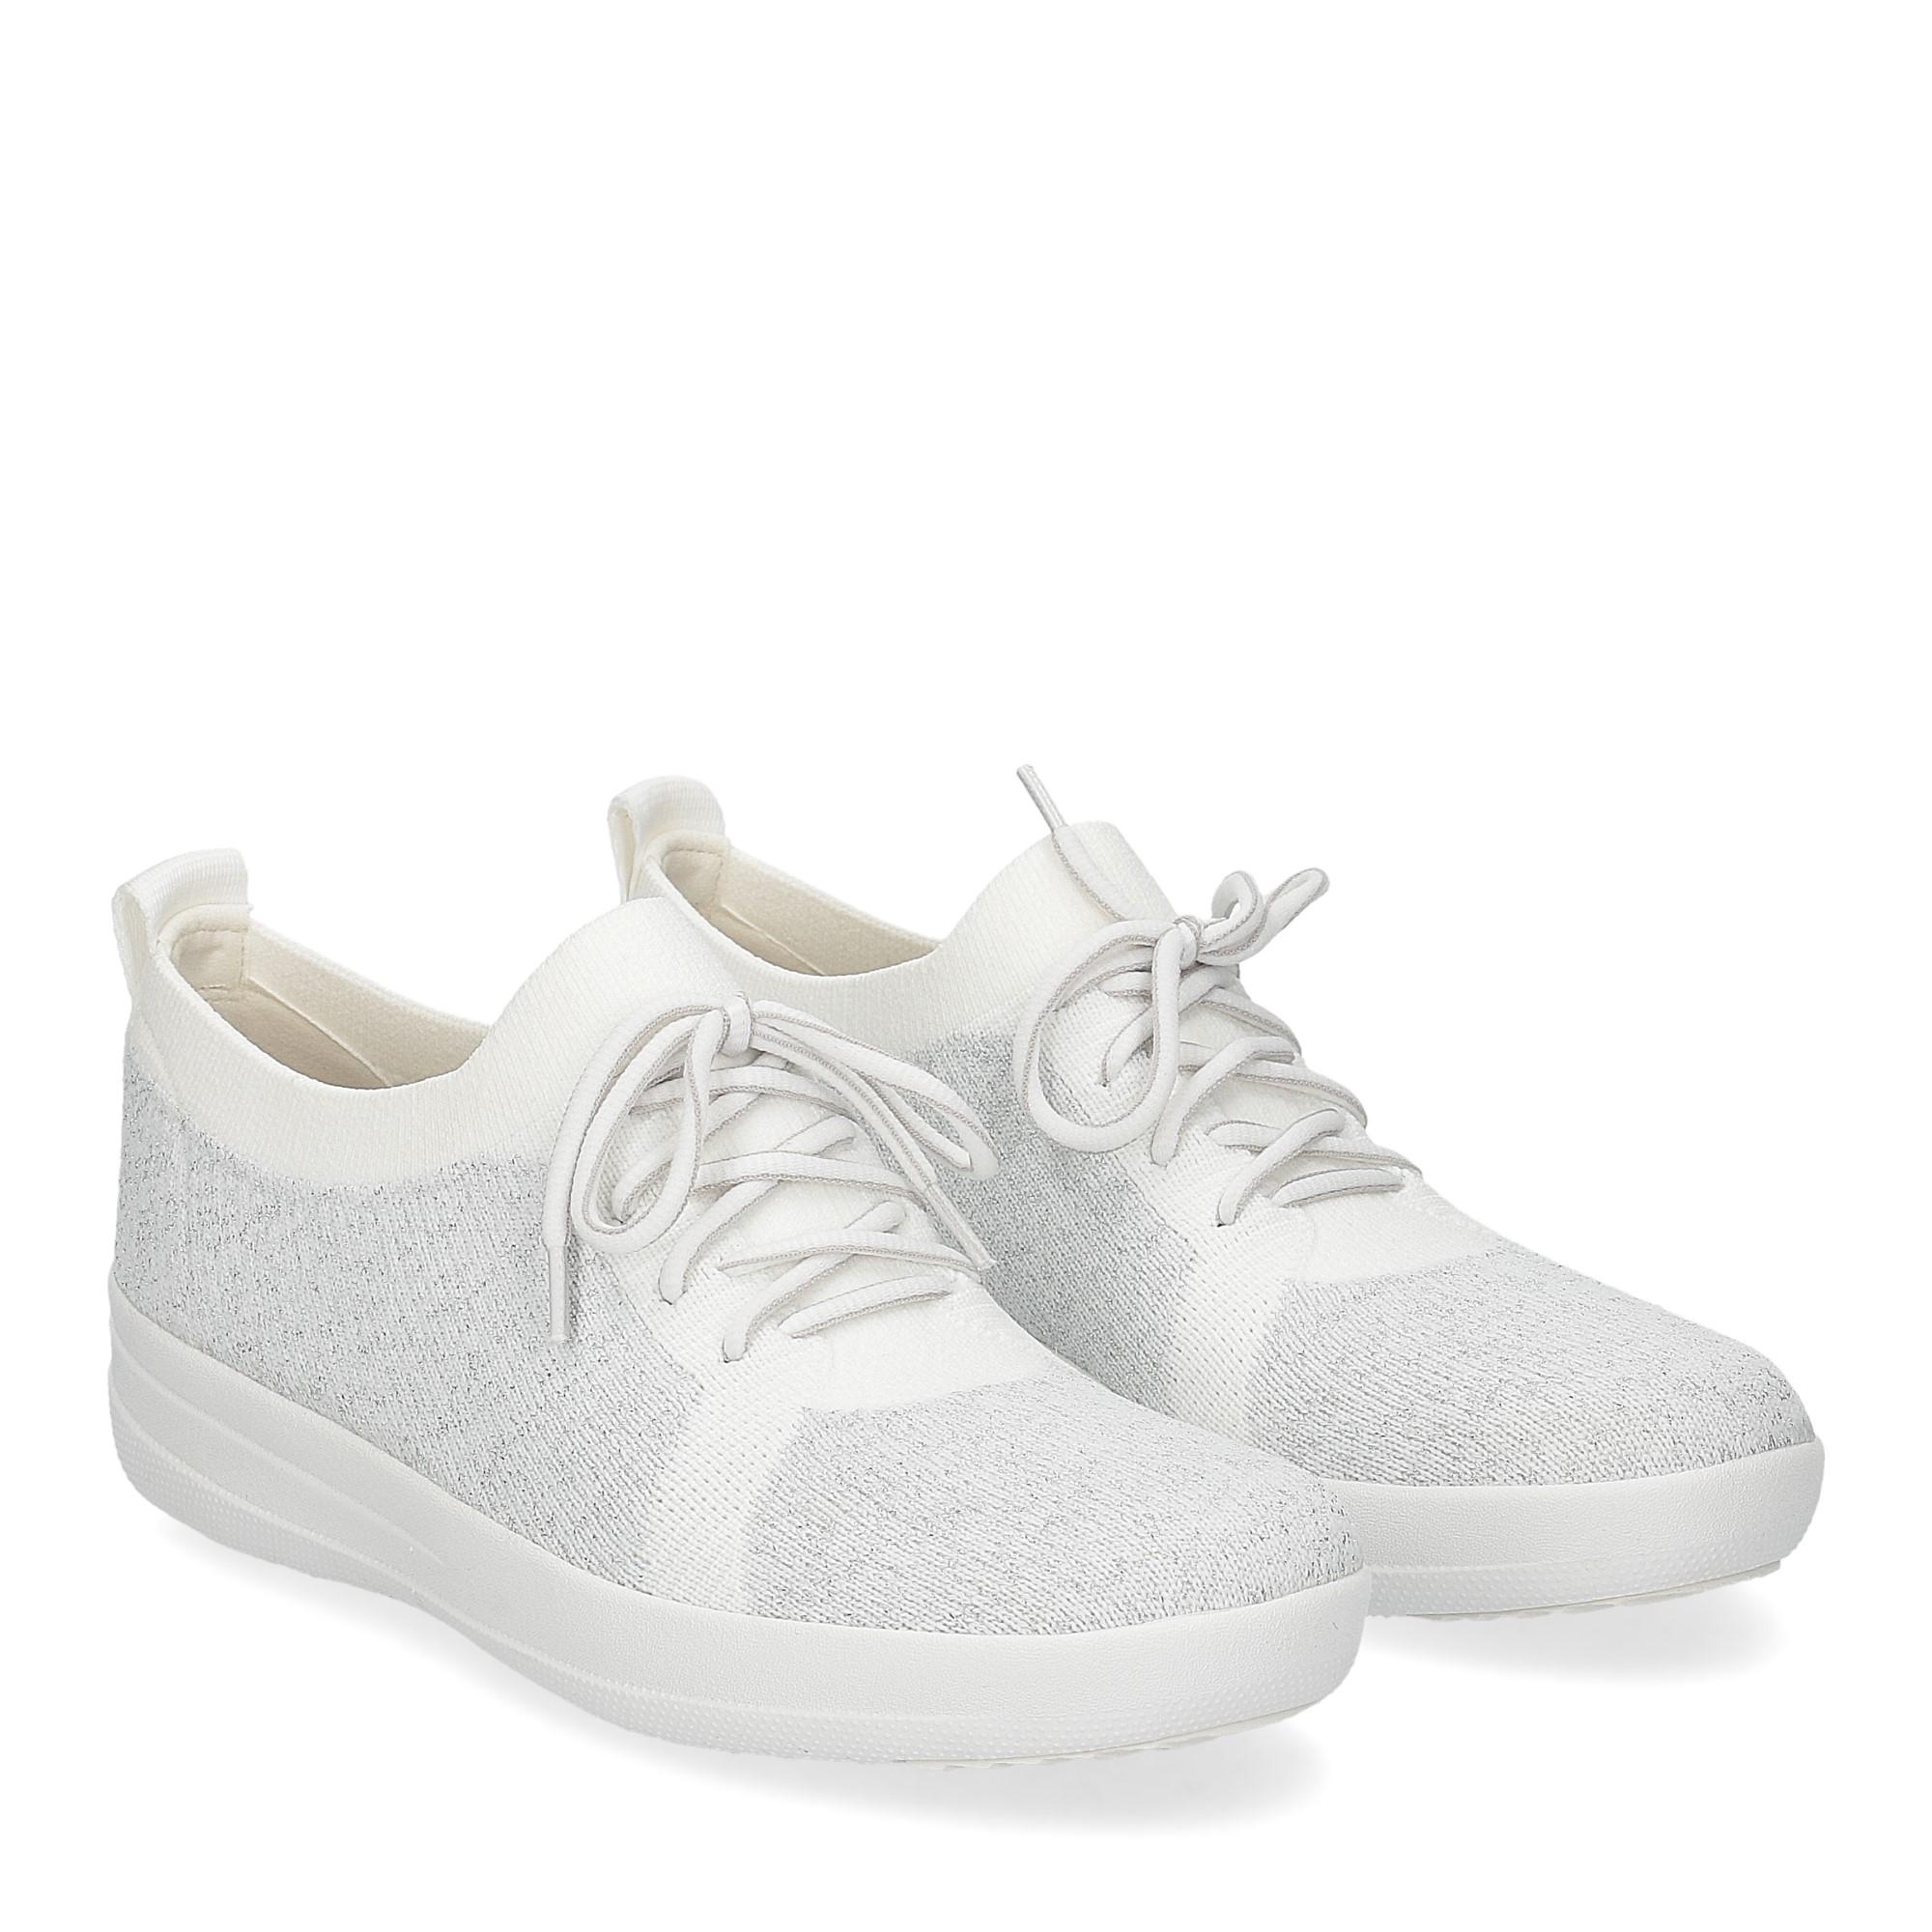 Fitflop F-Sporty uberknit sneaker white metallic silver